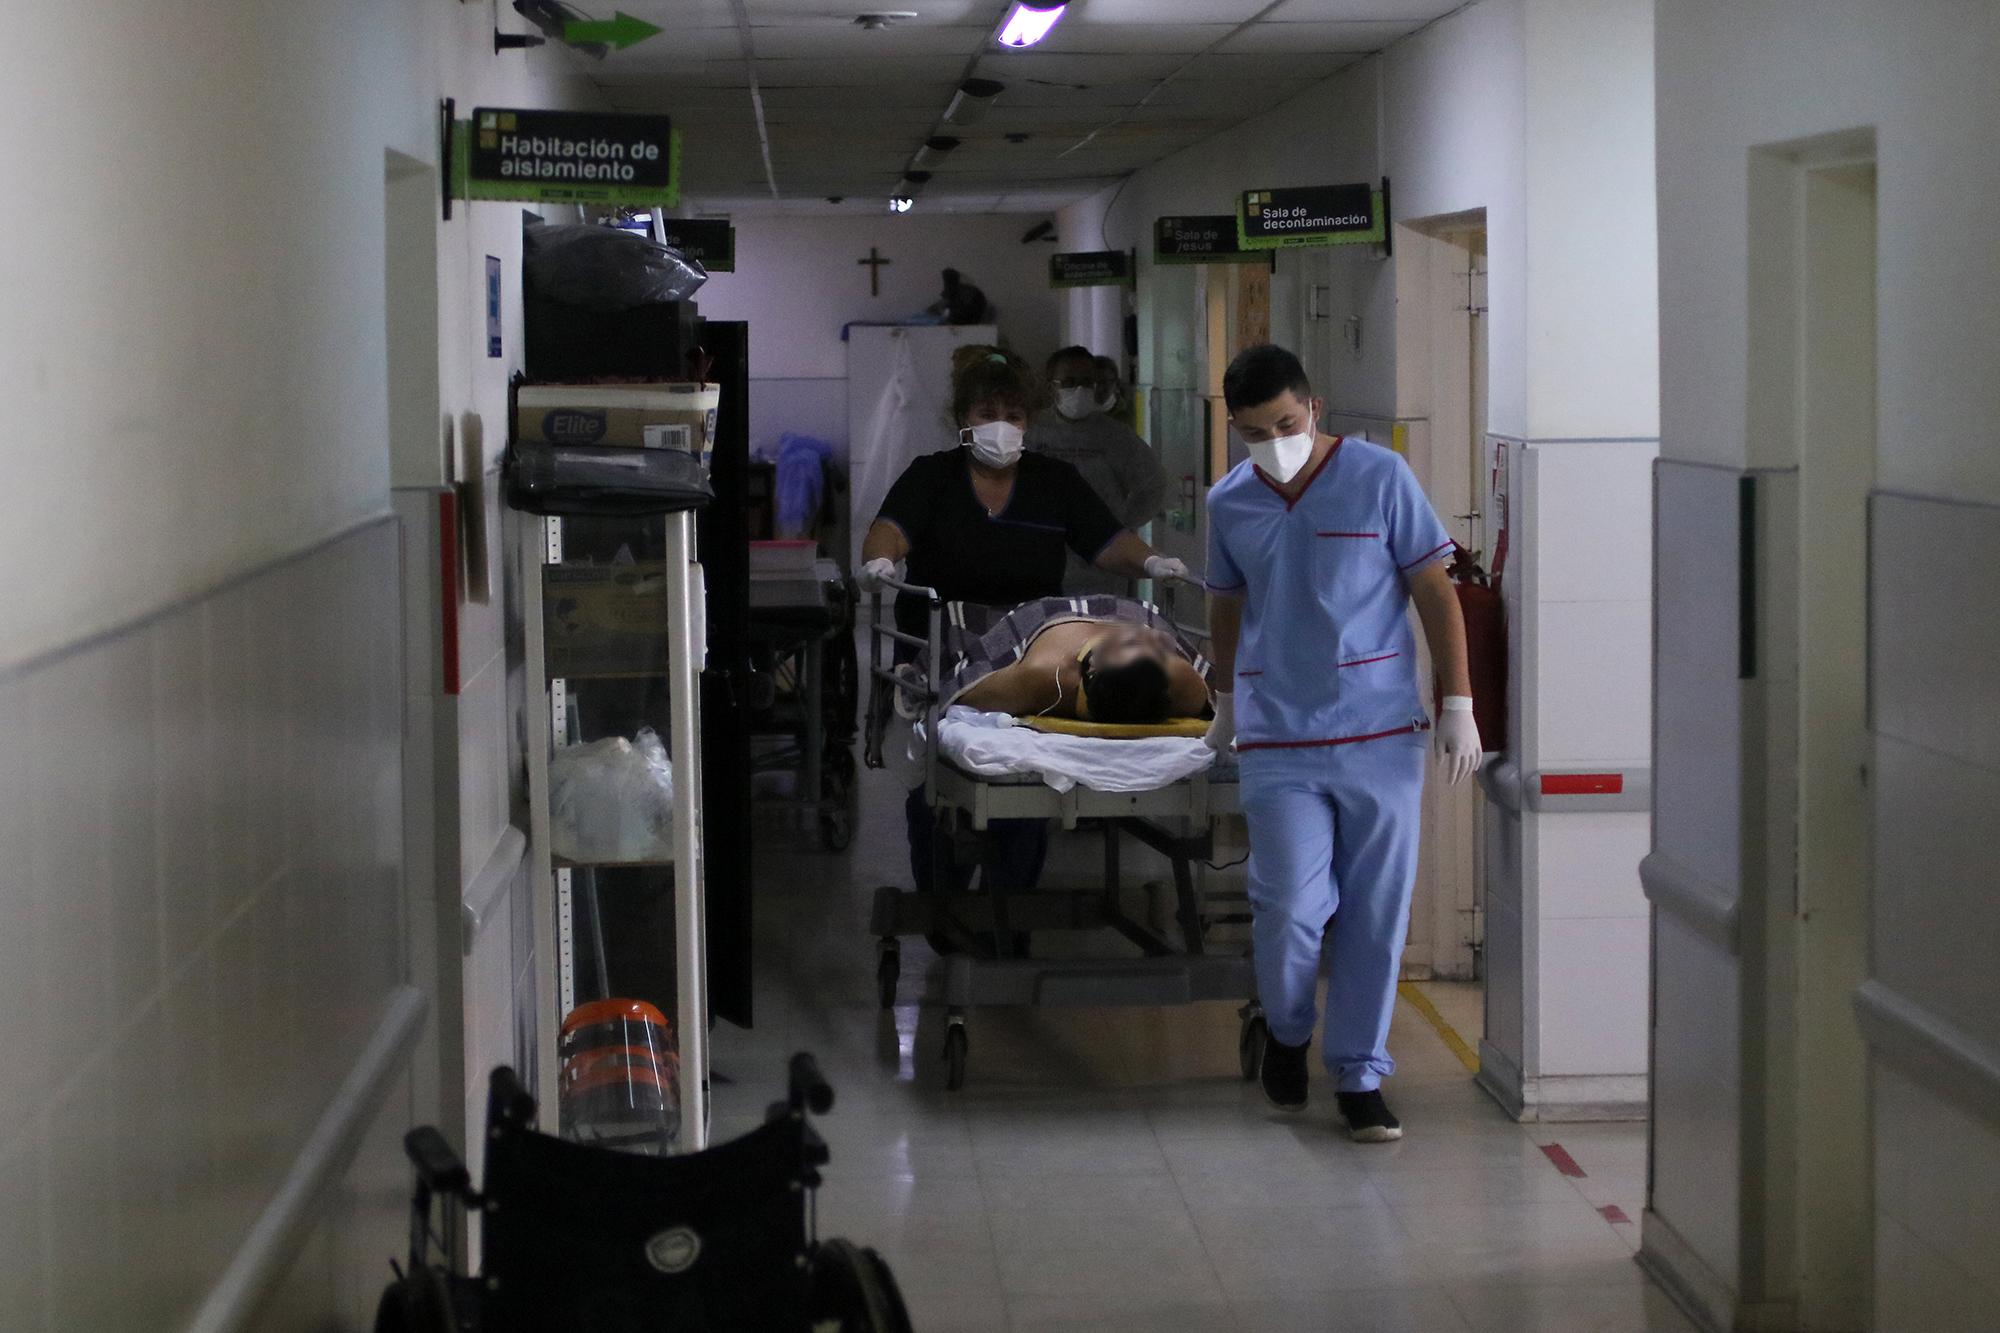 Coronavirus en Argentina: Otras 357 personas murieron y 22.420 fueron diagnosticadas con COVID-19 en el país